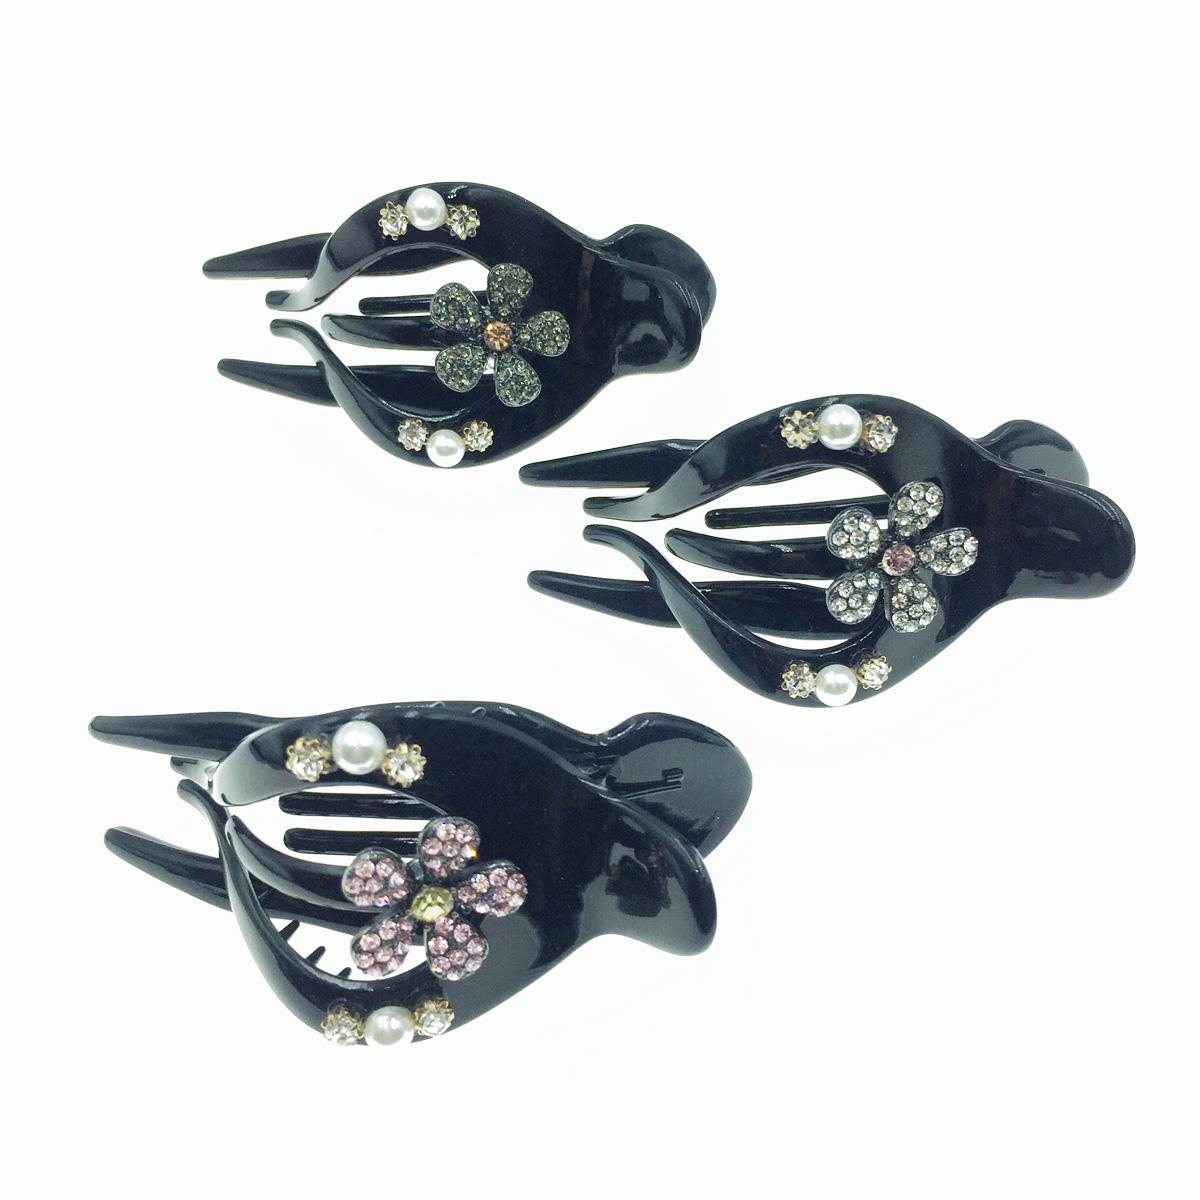 韓國 珍珠 花朵 彩色水鑽 燕尾夾 髮夾 髮飾